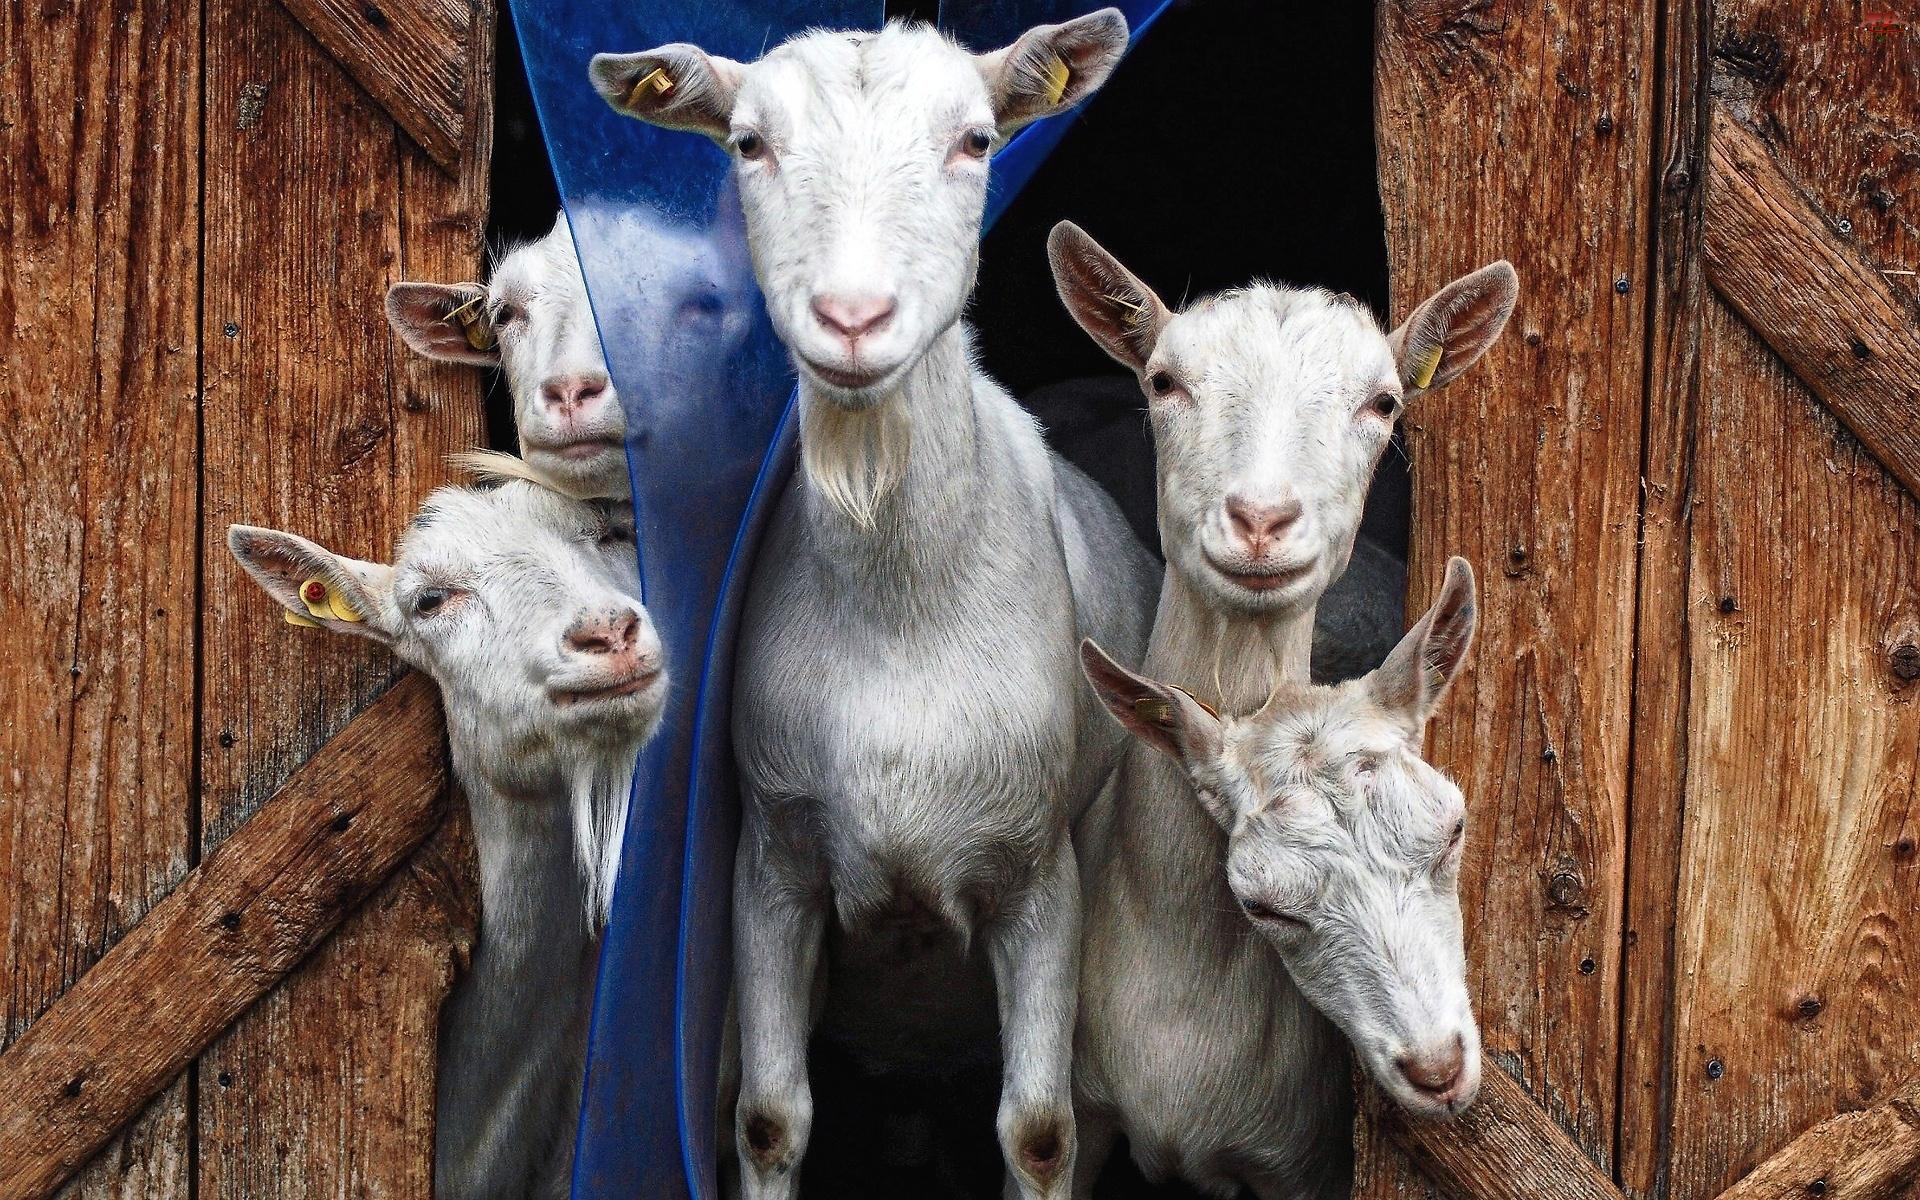 Stadko, Białe, Kozy